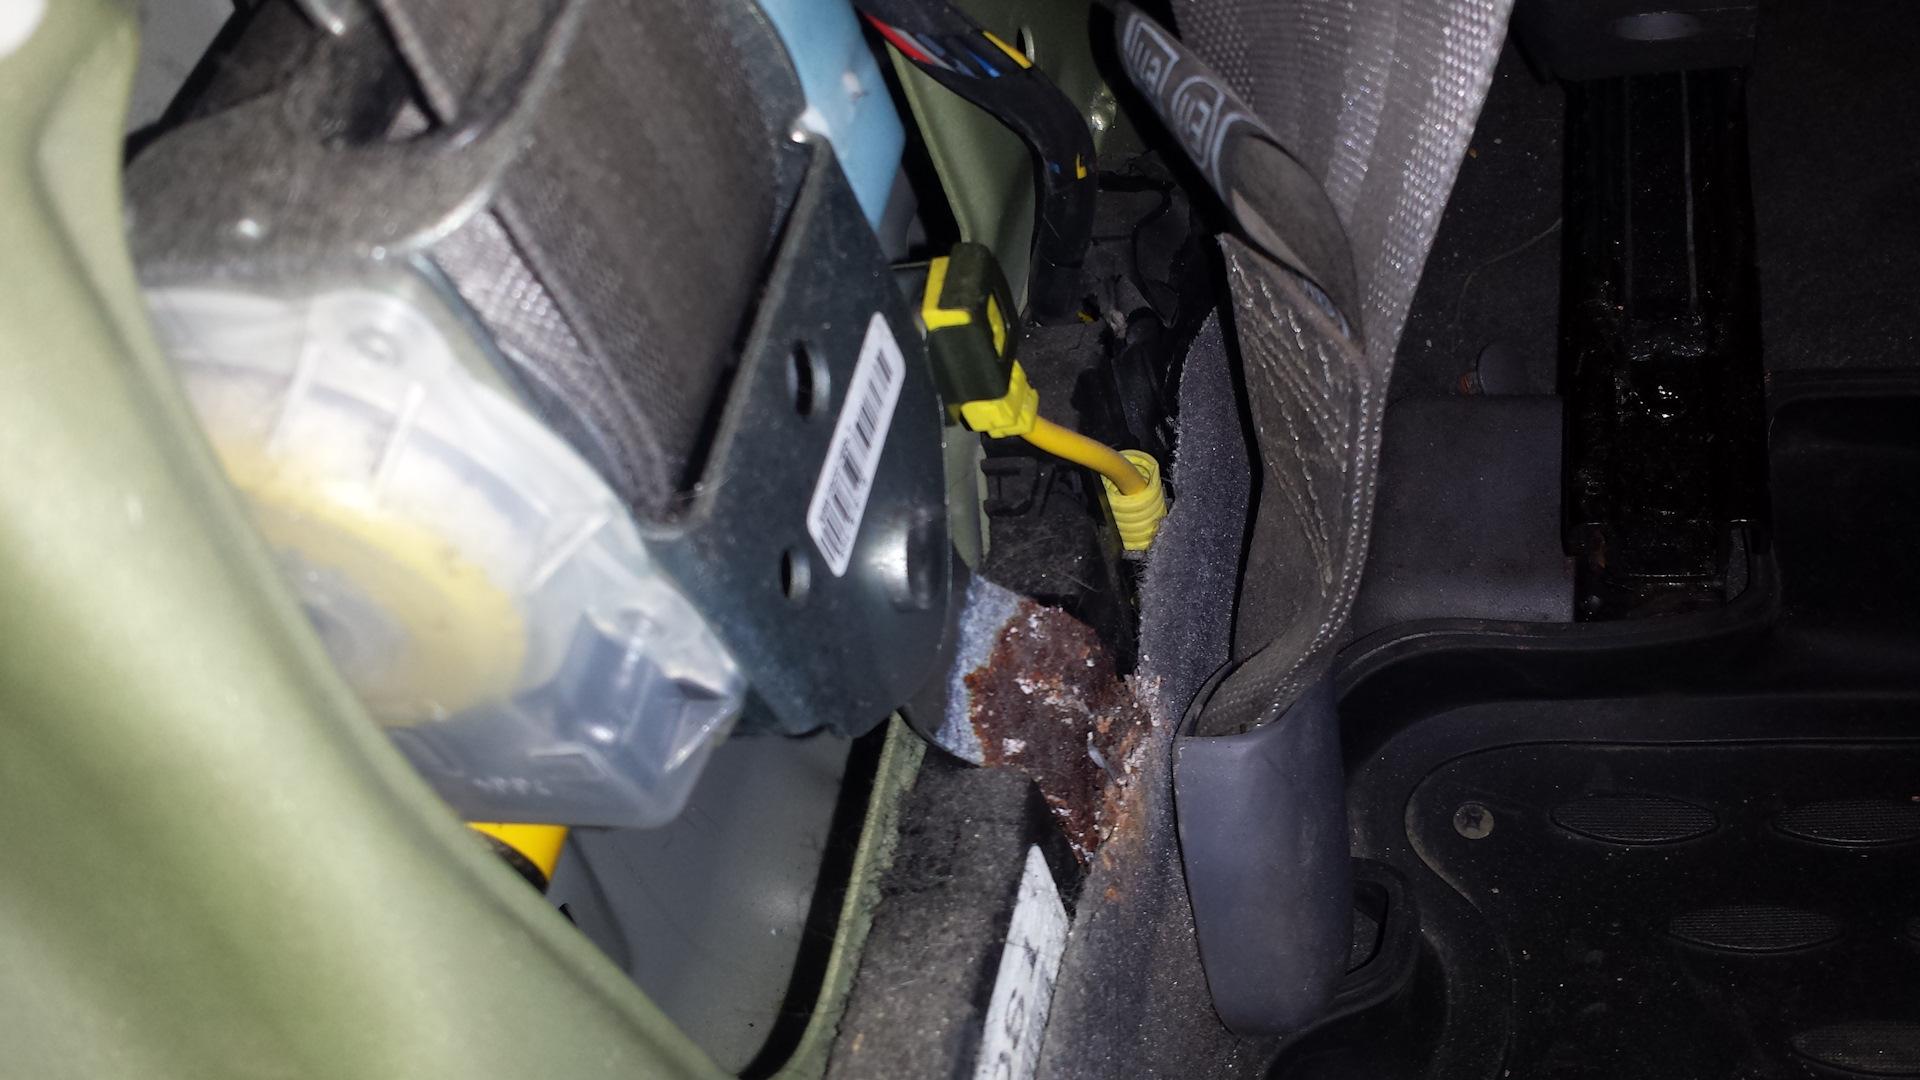 hyundai elantra плохо отщёлкивается ремень безопасности